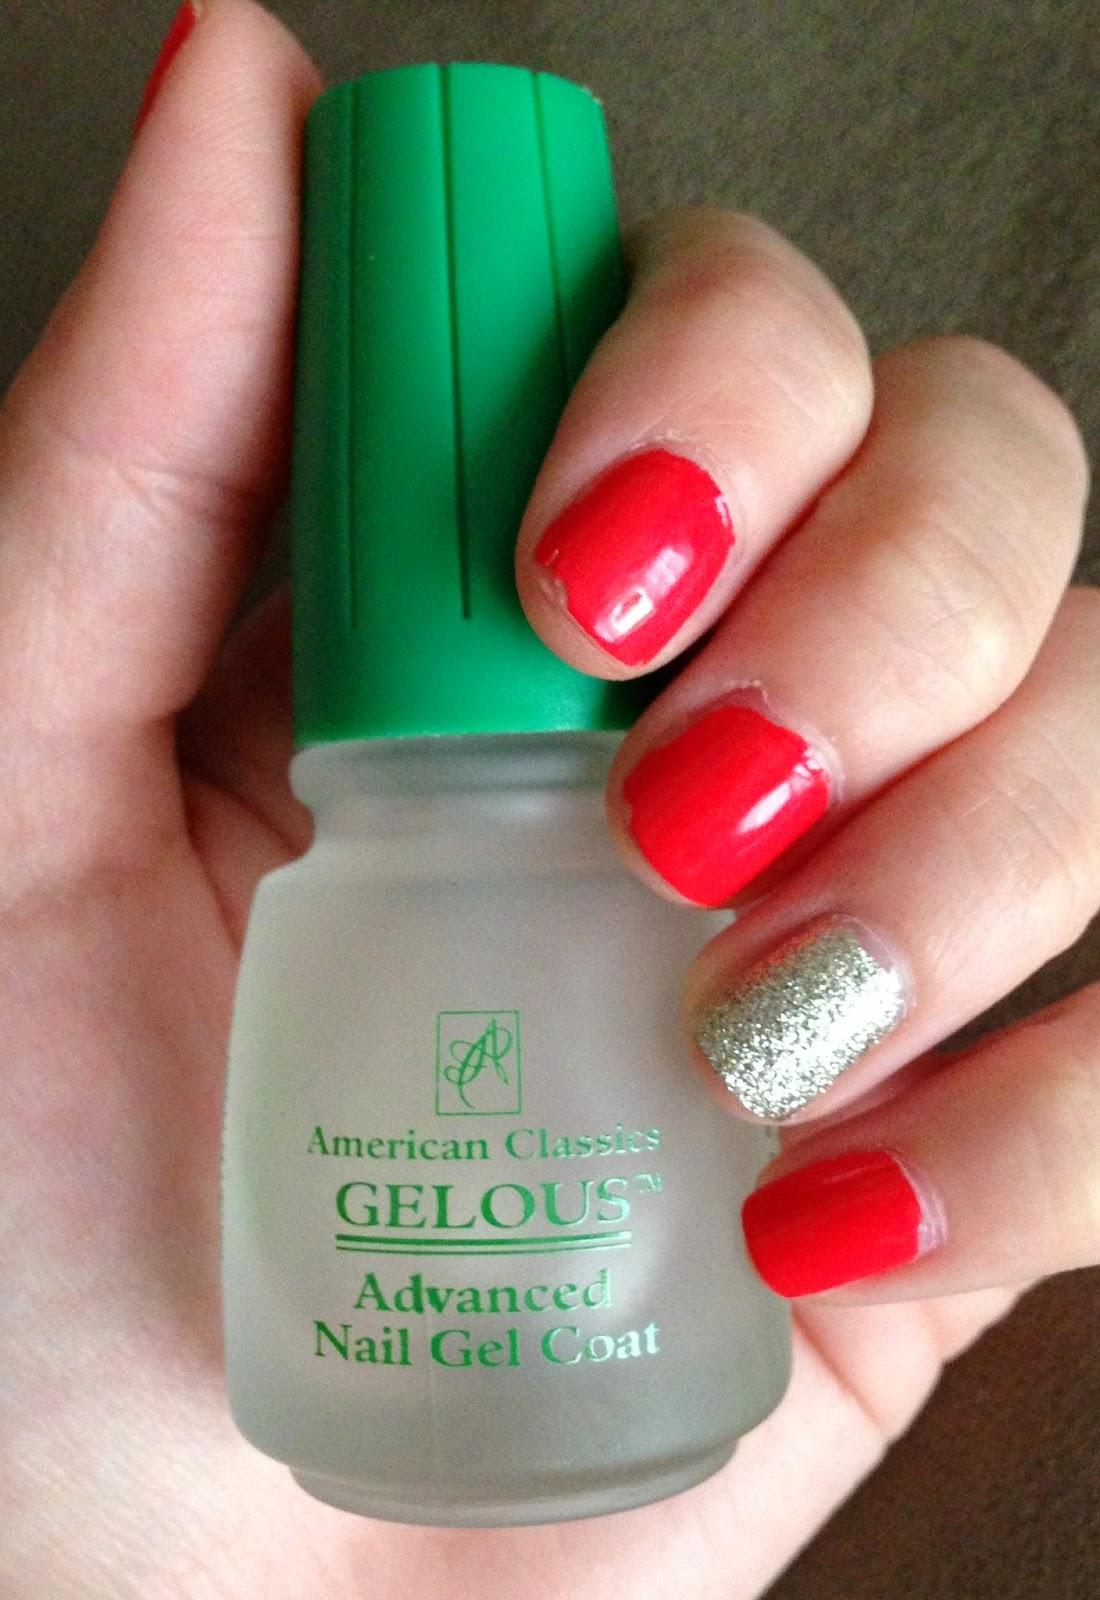 gel coat nails photo 1 - Nails Muster